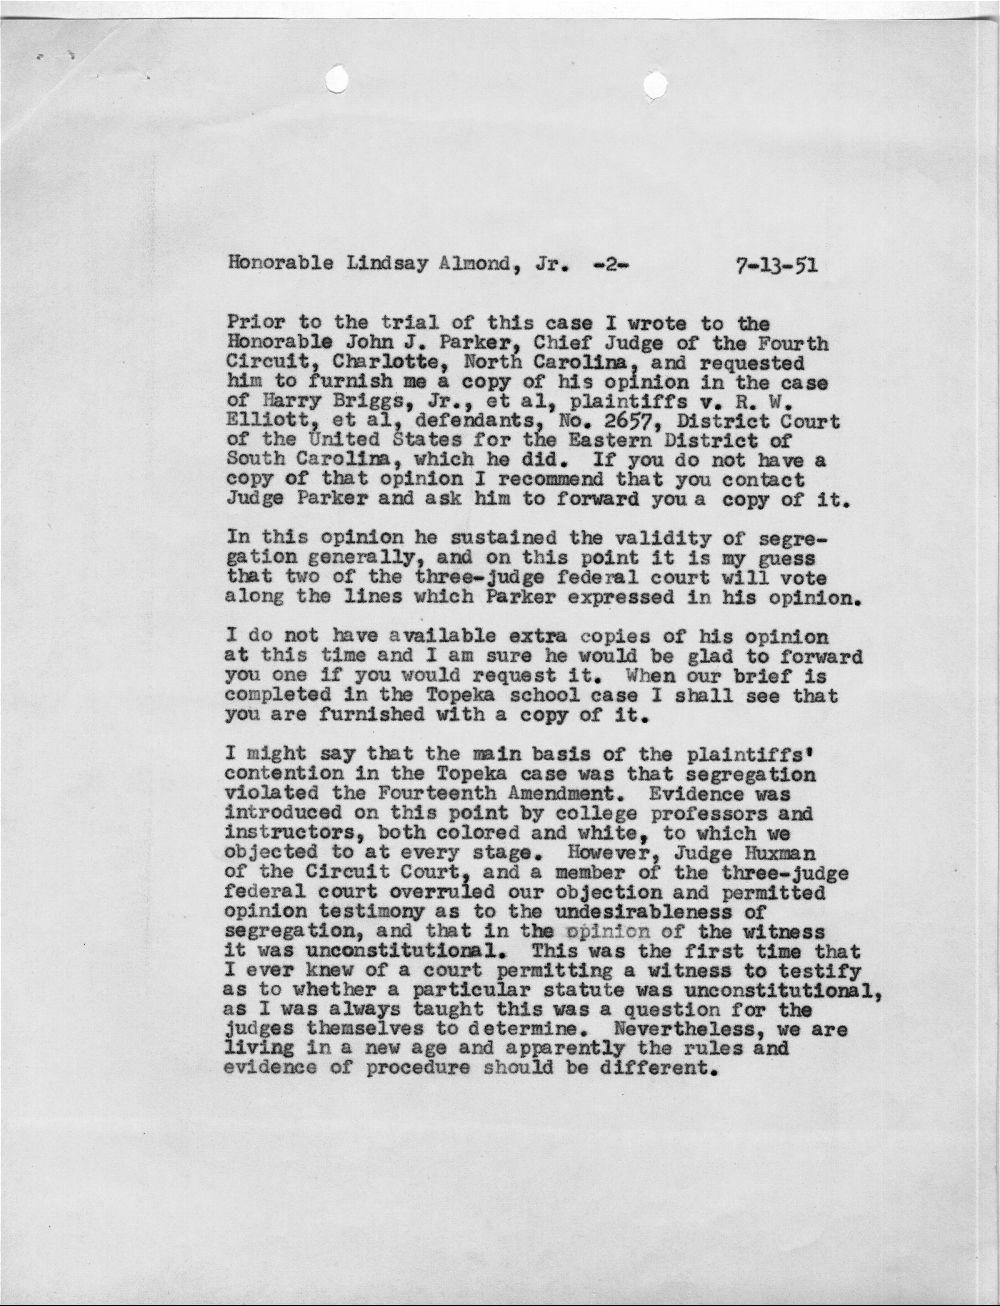 Harold R. Fatzer to J. Lindsay Almond Jr. - 2